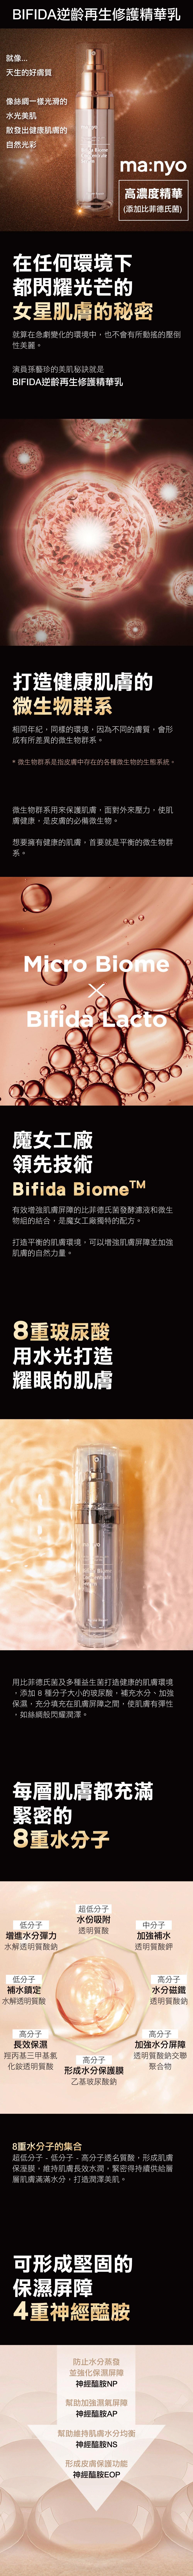 manyo-bifida%e9%80%86%e9%bd%a1%e5%86%8d%e7%94%9f%e4%bf%ae%e8%ad%b7%e7%b2%be%e8%8f%af%e4%b9%b3-1